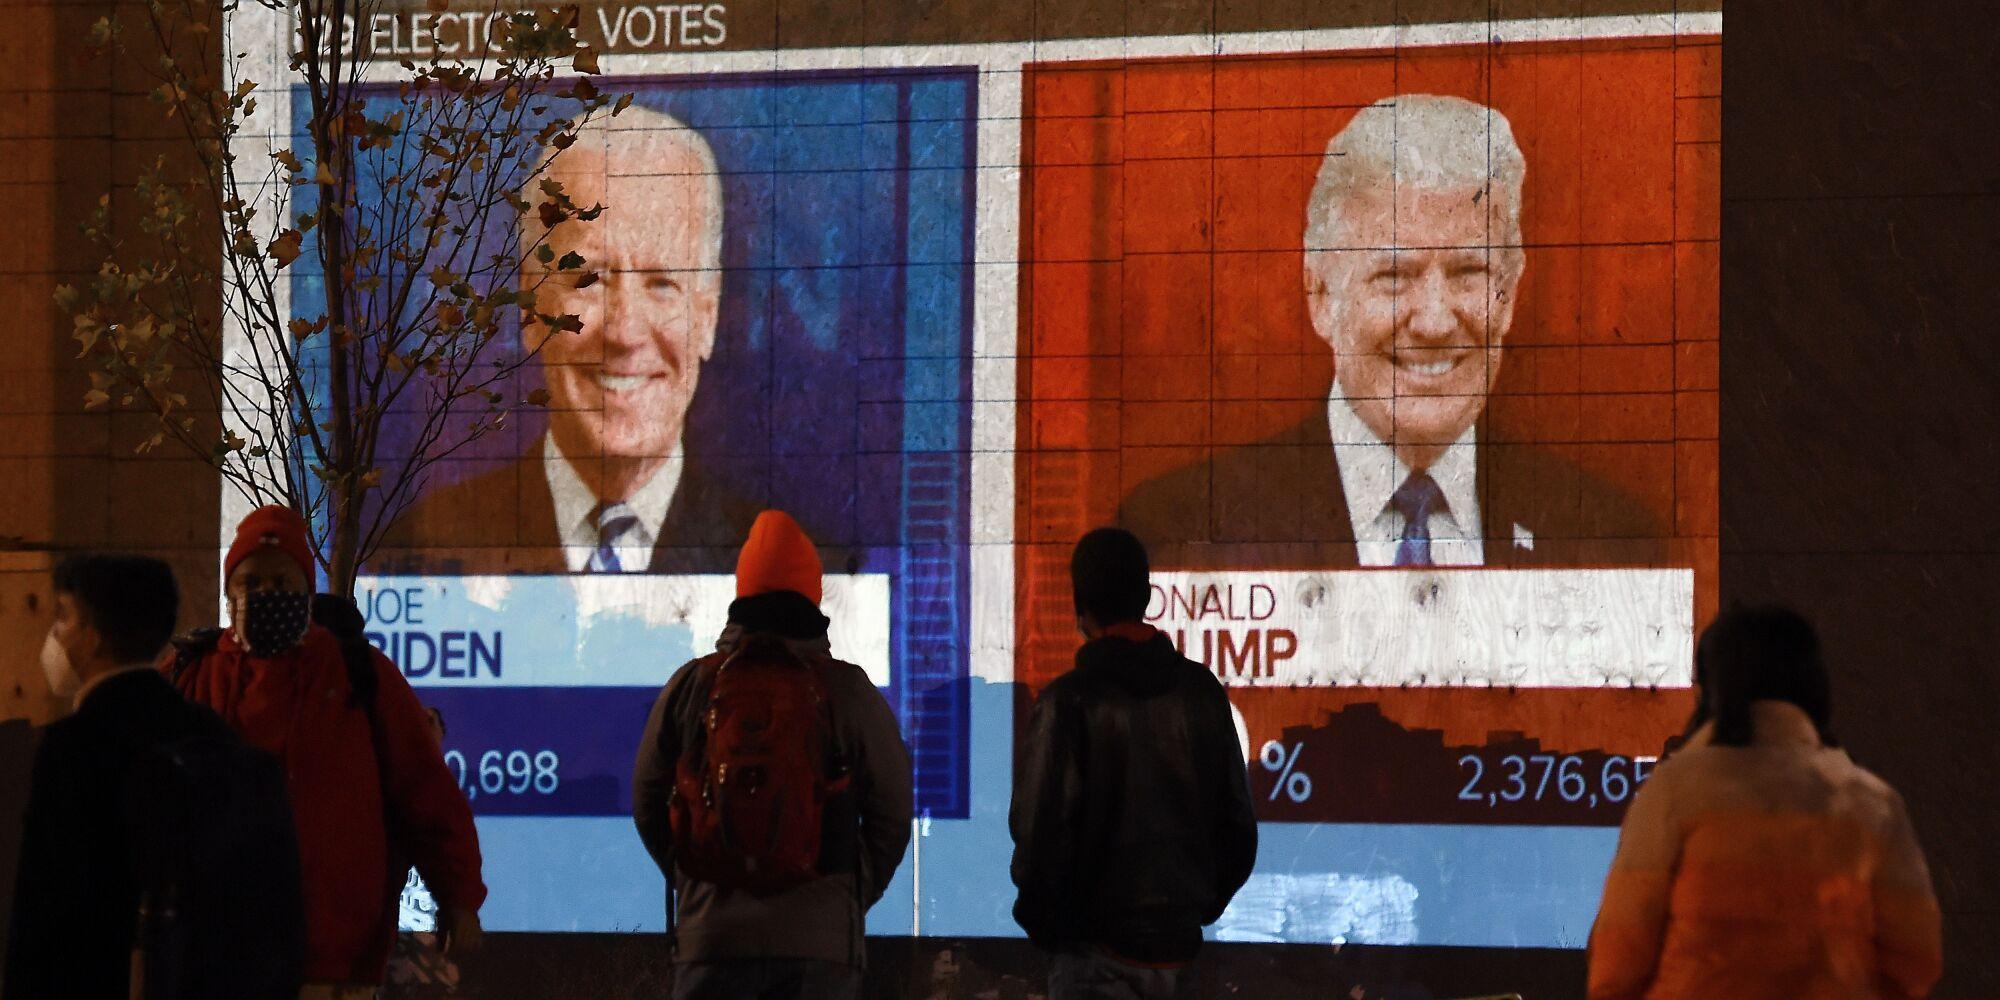 En directo: Elecciones 2020 - San Diego Union-Tribune en Español